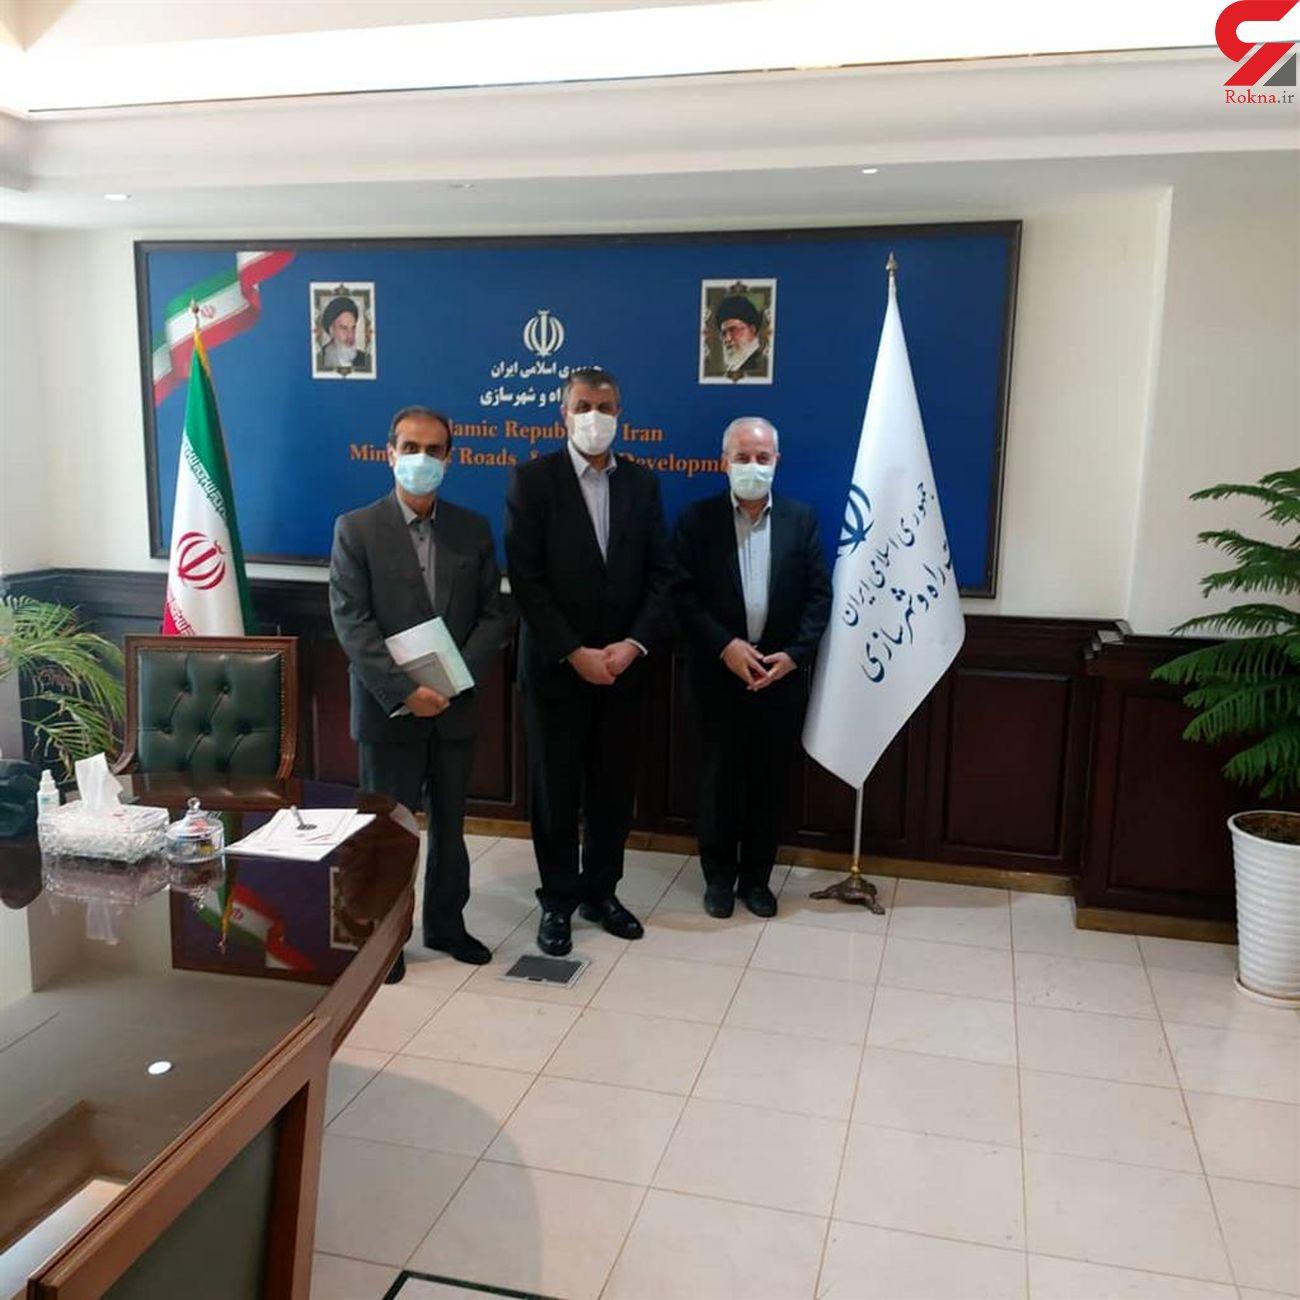 احقاق حقوق شهرداری رشت با دستور ویژه وزیر راه و شهرسازی